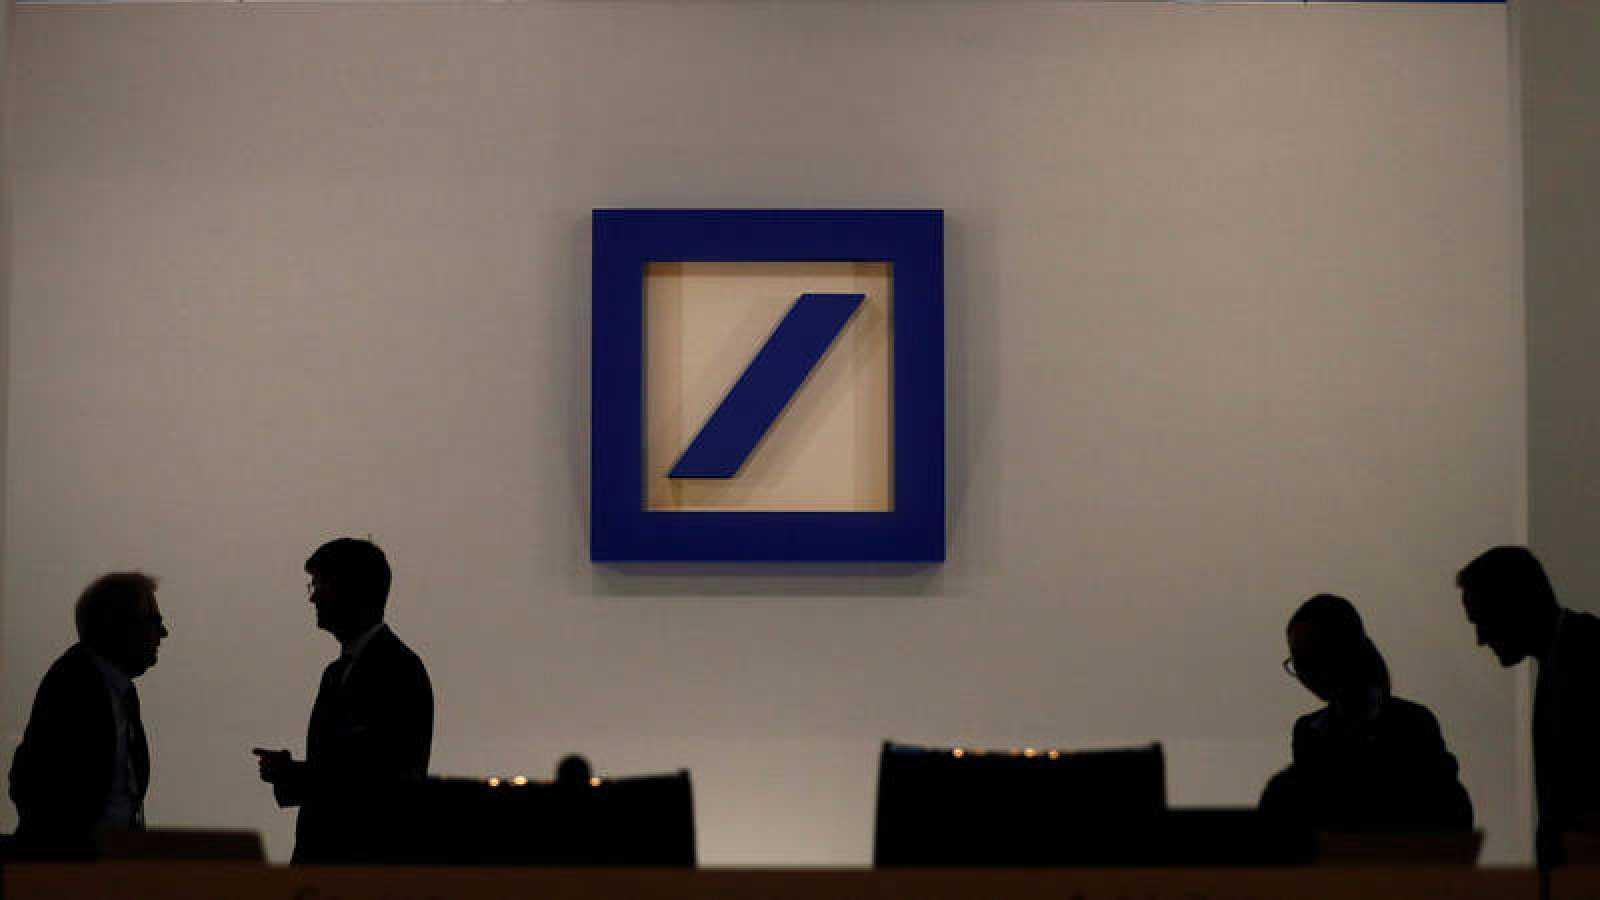 Siluetas de varios empleados del Deutsche Bank perfiladas sobre un fondo con el logo de la entidad